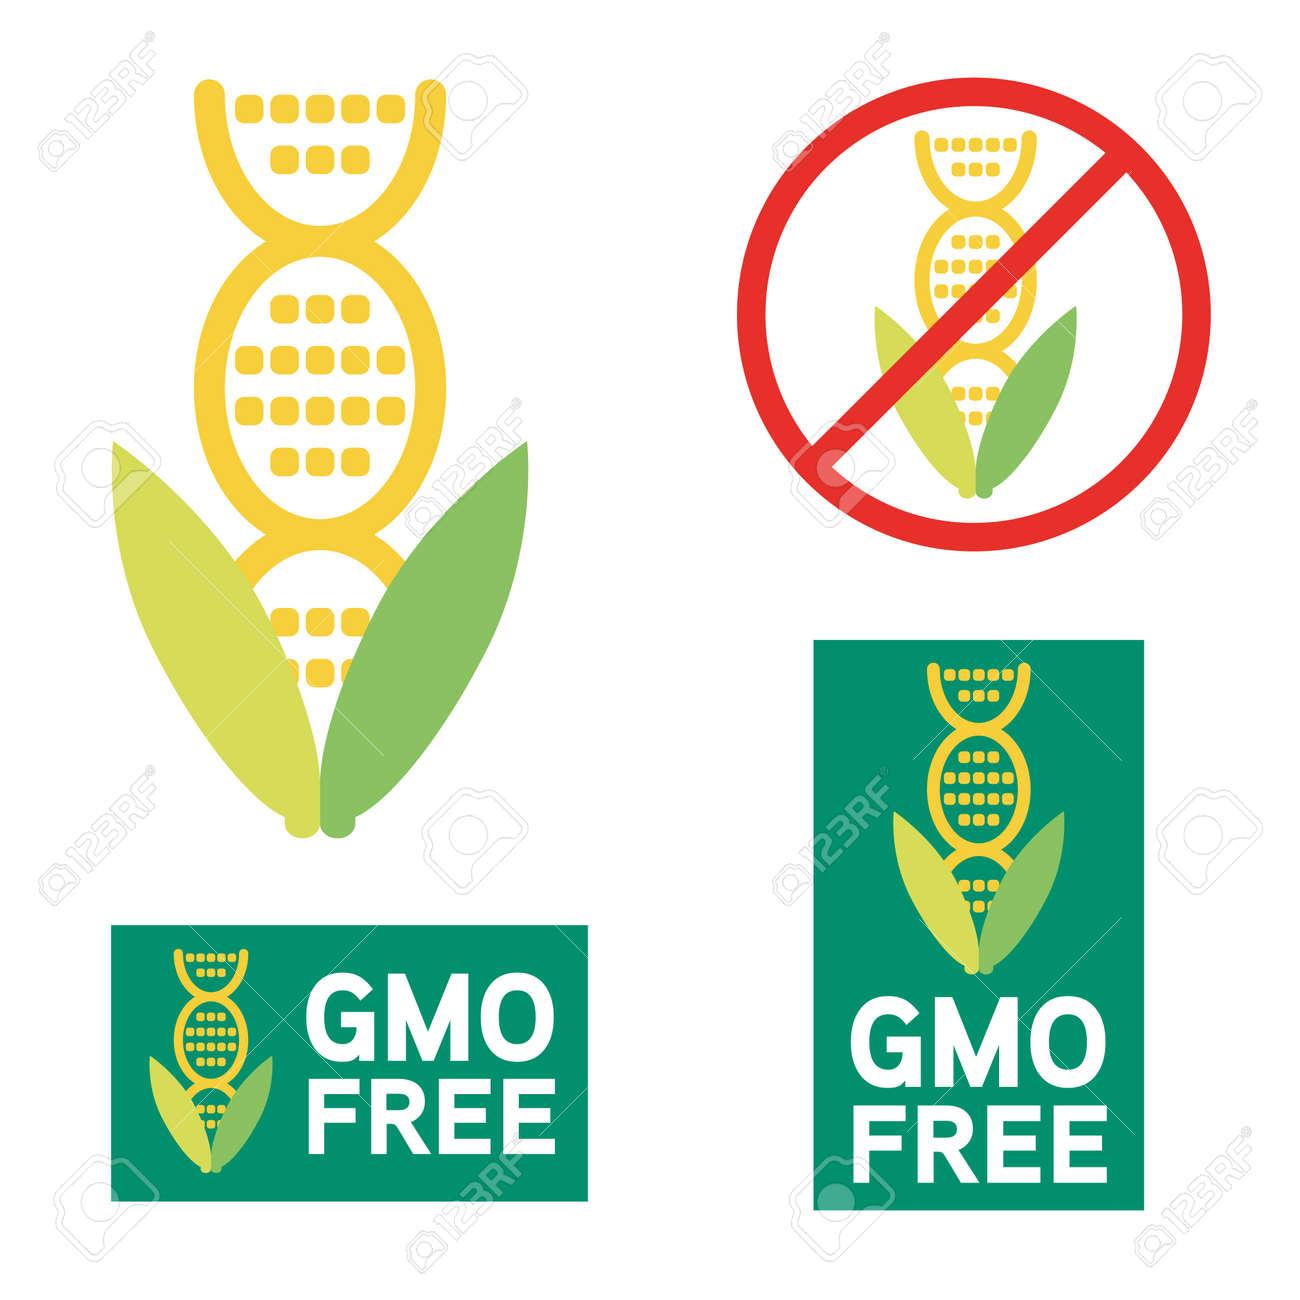 Gmo free icon symbol design non genetically modified organism gmo free icon symbol design non genetically modified organism sign with corn cob vector illustration buycottarizona Images